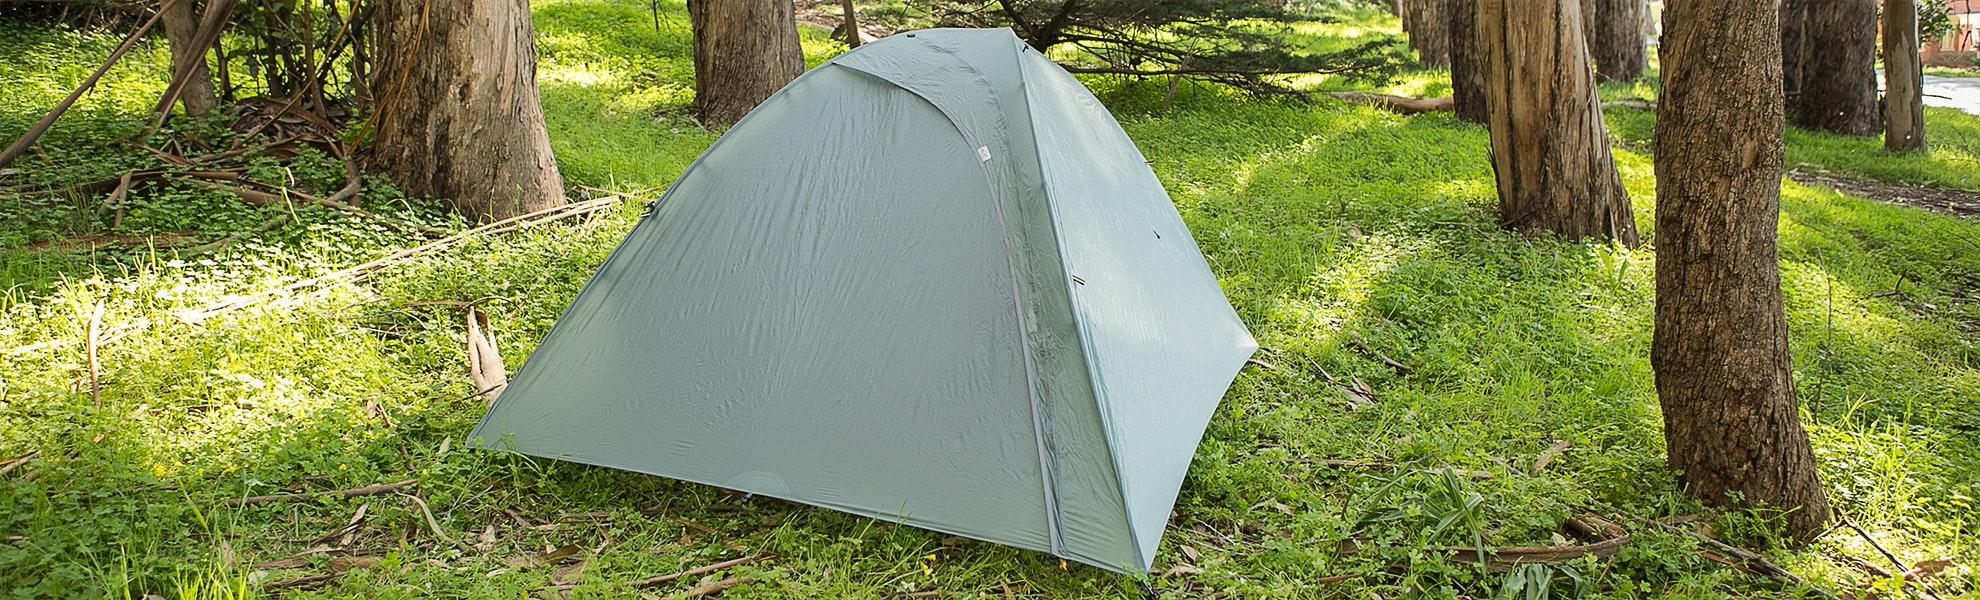 Big Sky Soul 2P or 1P Tent & Big Sky Soul 2P or 1P Tent | Price u0026 Reviews | Massdrop